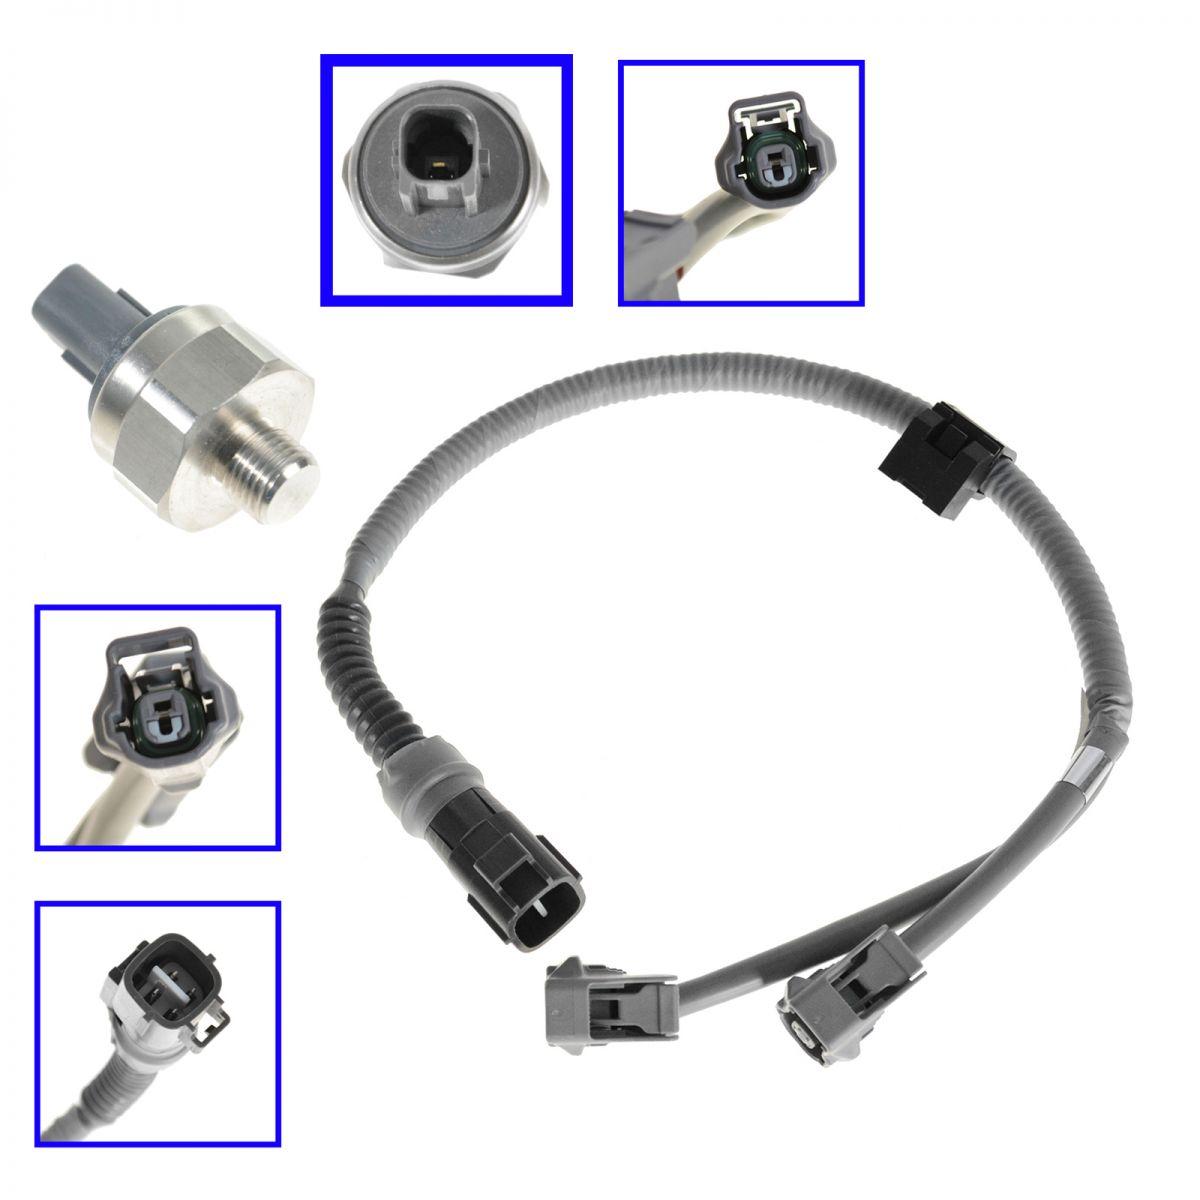 knock sensor w harness kit set for 92 93 toyota camry lexus es300 v6 3 0l ebay. Black Bedroom Furniture Sets. Home Design Ideas